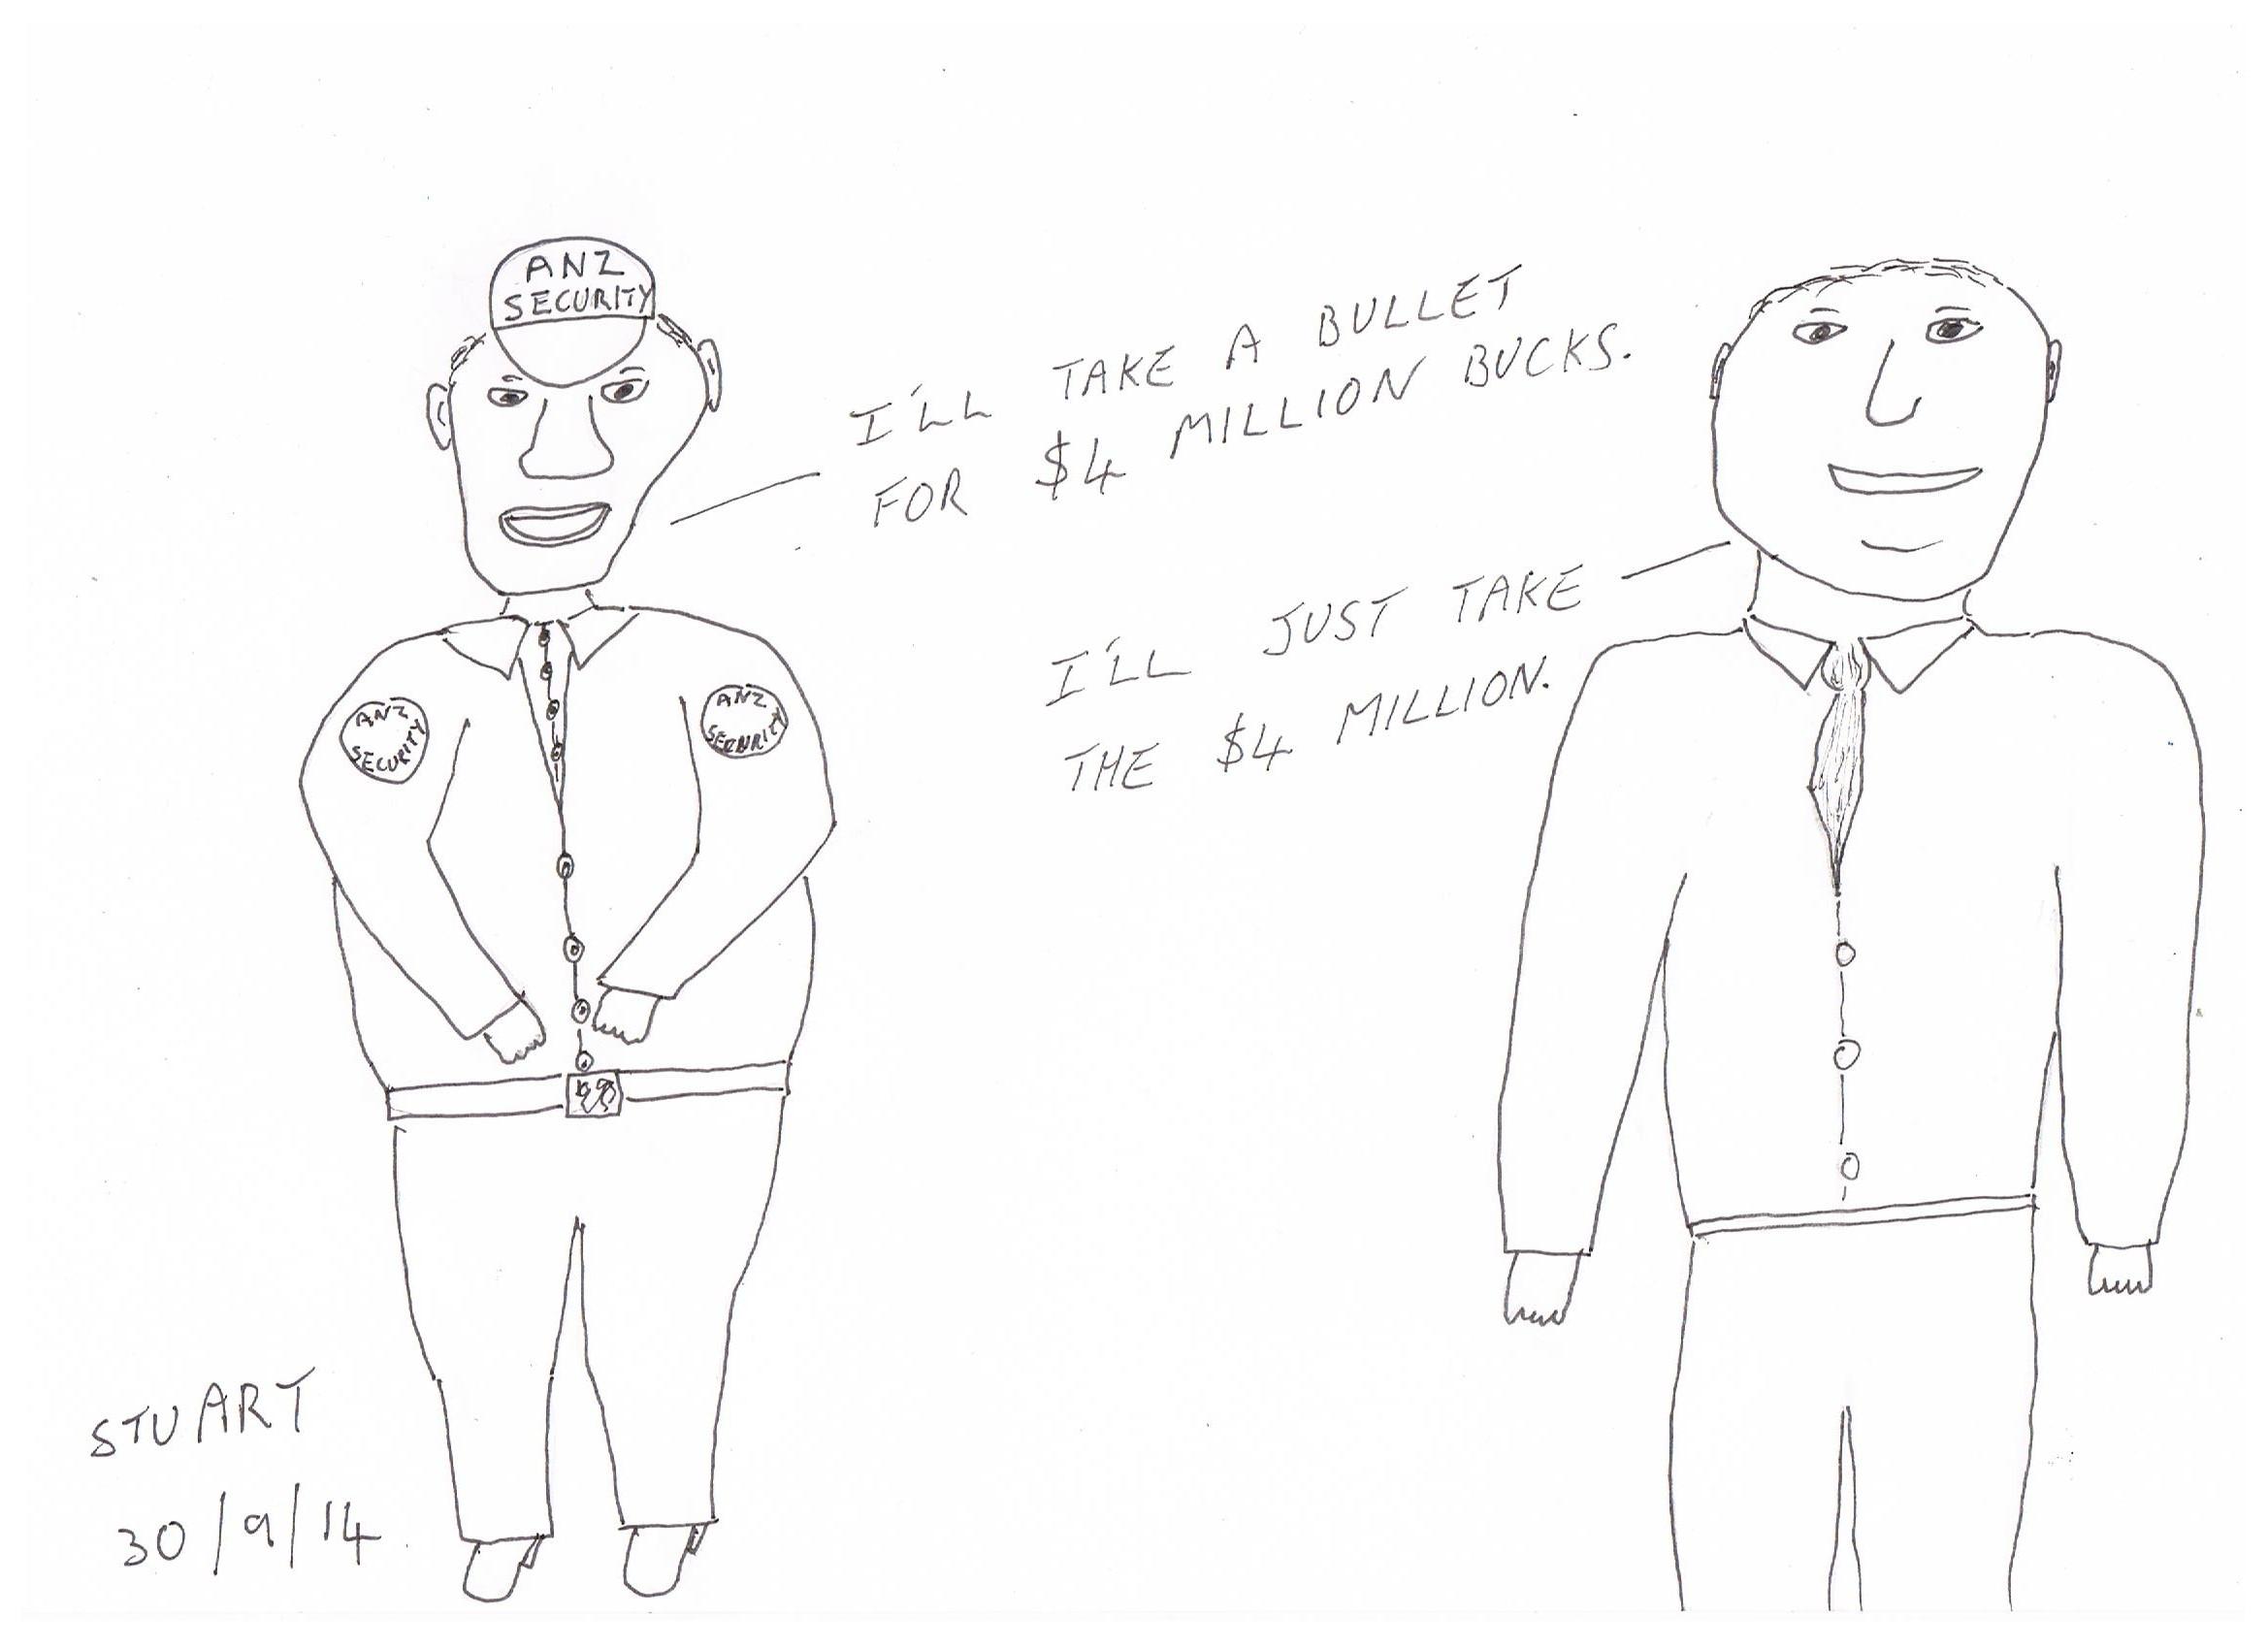 criminal questions on job applications